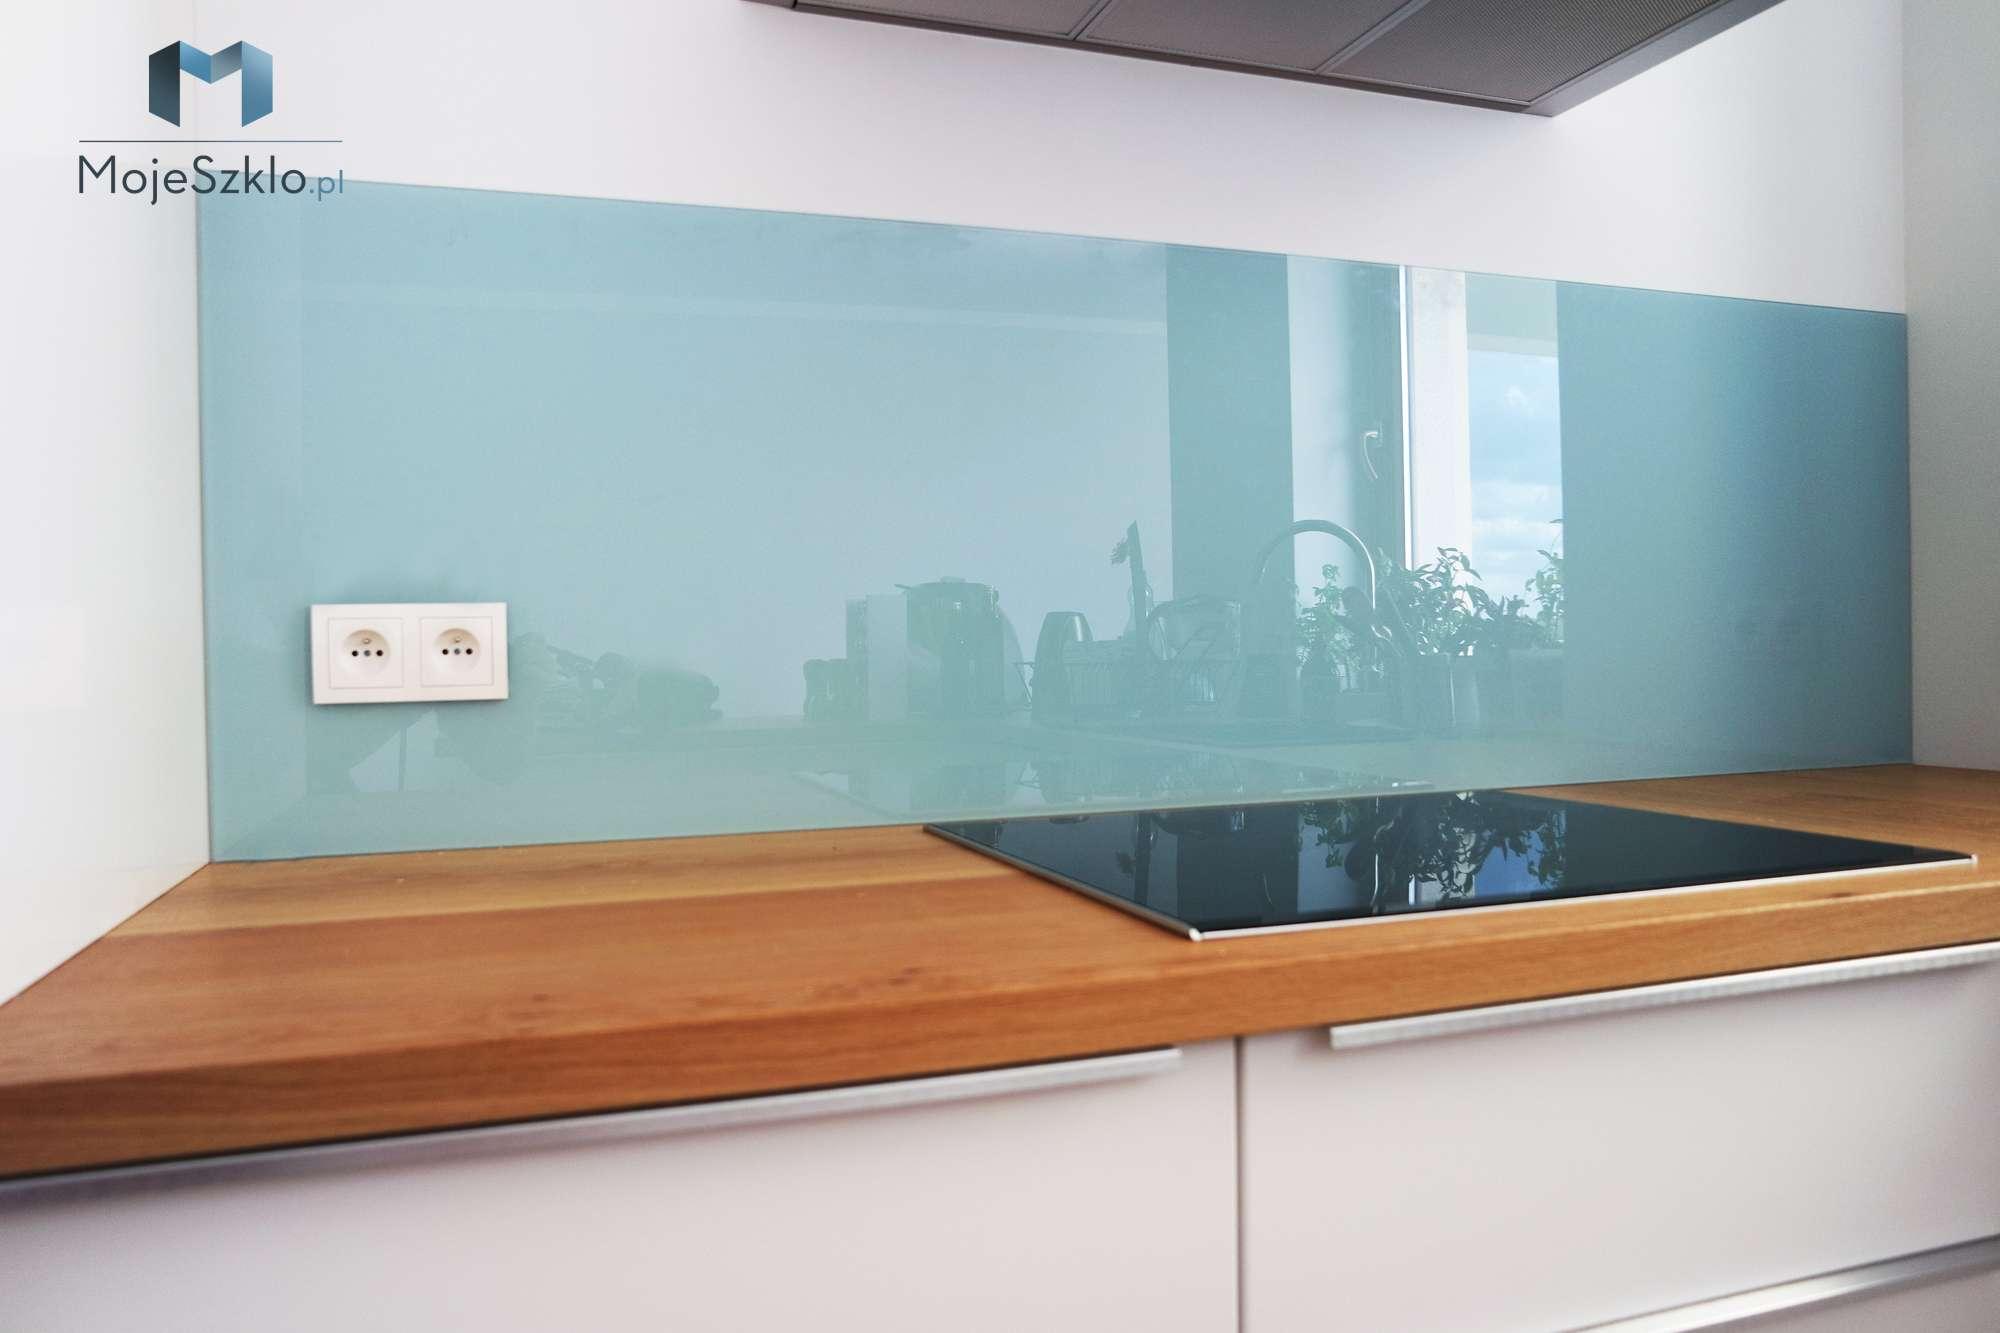 Lacobel Kolory Pastelowy Niebieski - Lacobel kolory. Wzornik dostępnych odcieni